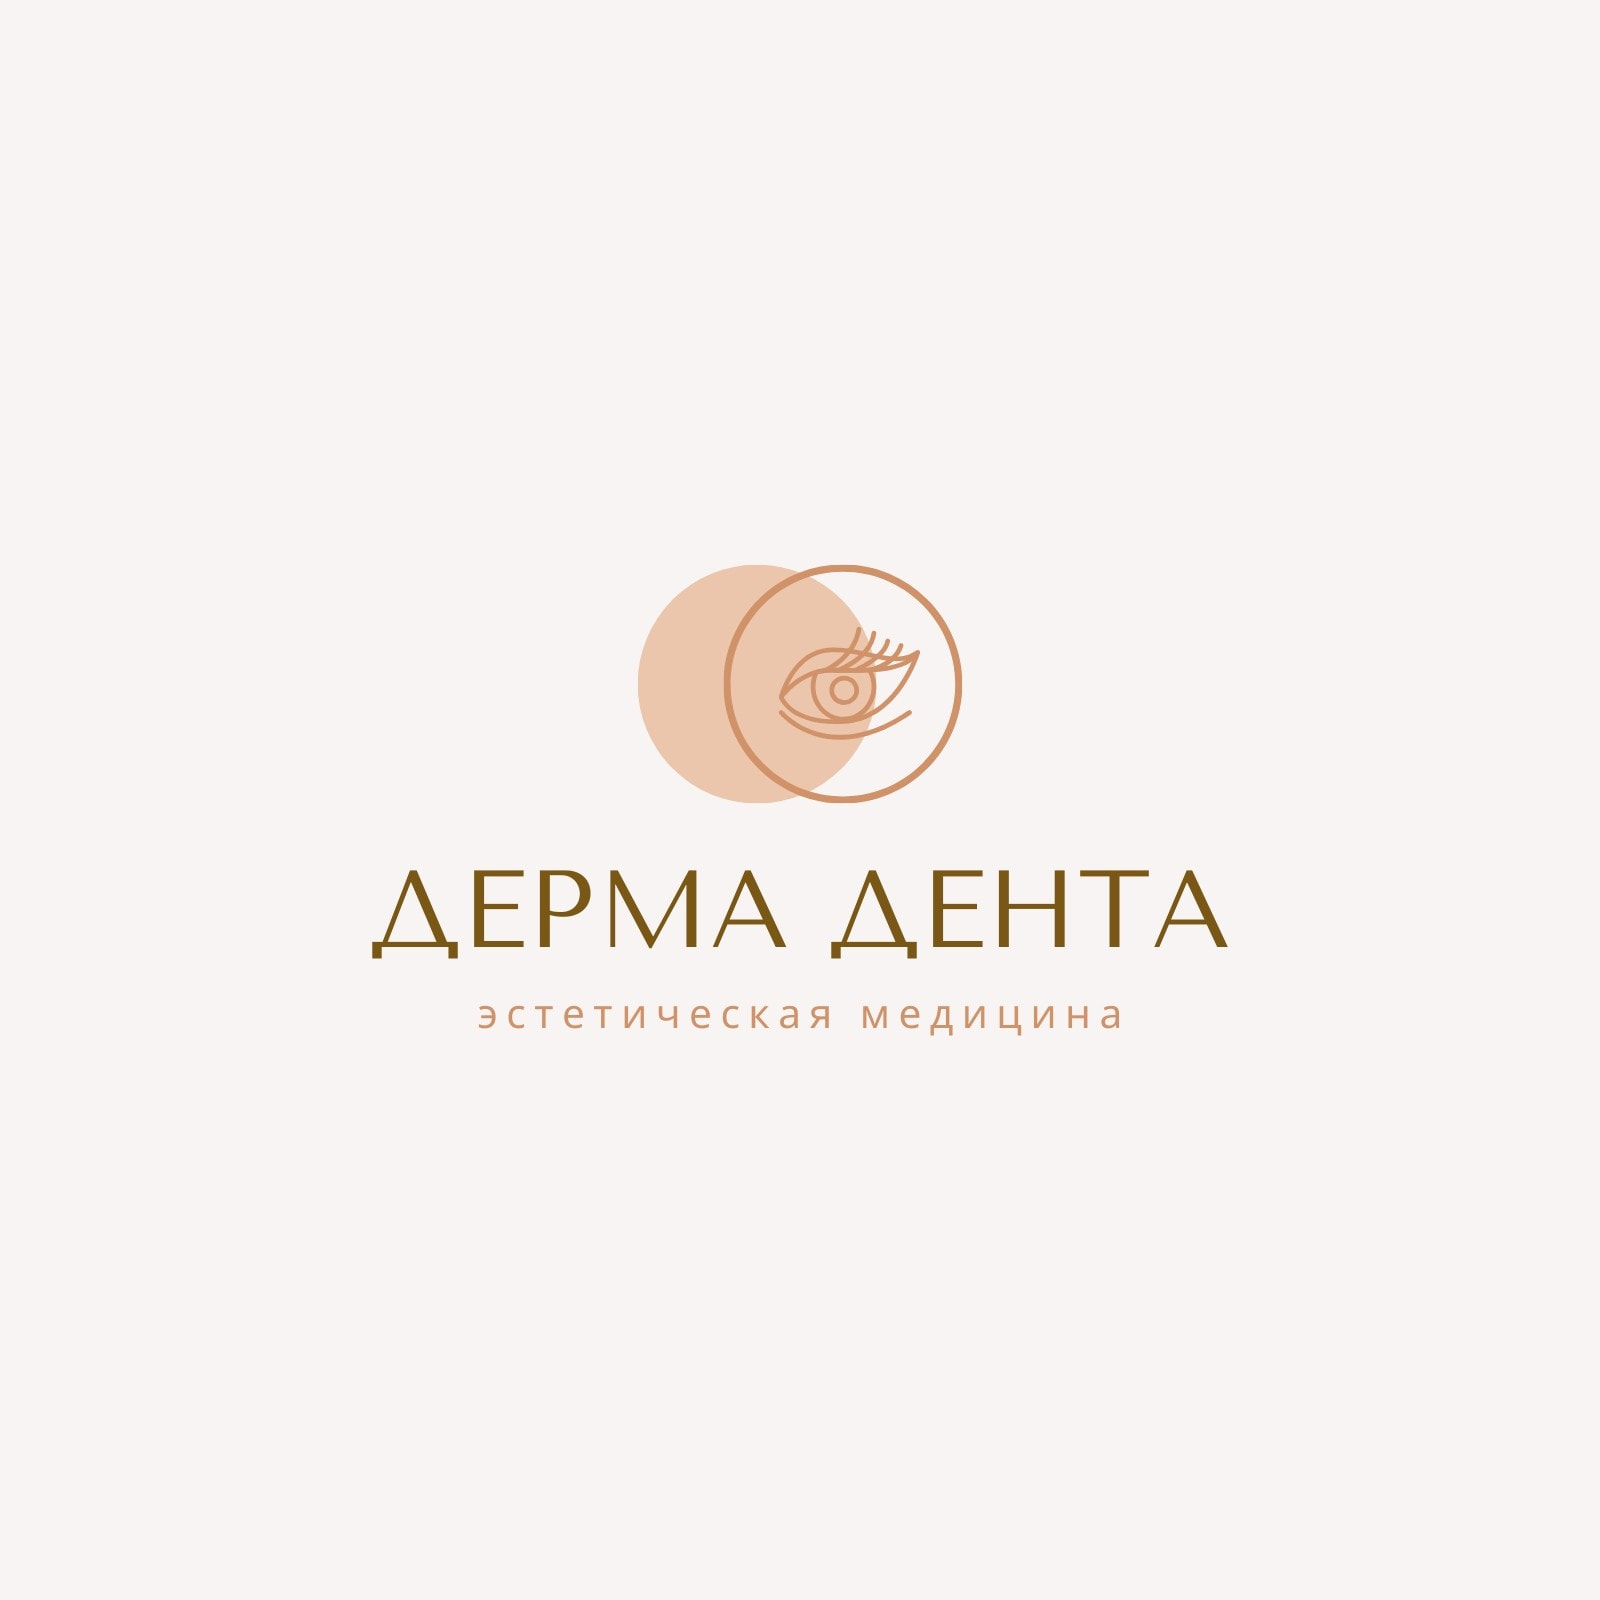 Коричневый логотип со скрещенными кругами и рисунком глаза